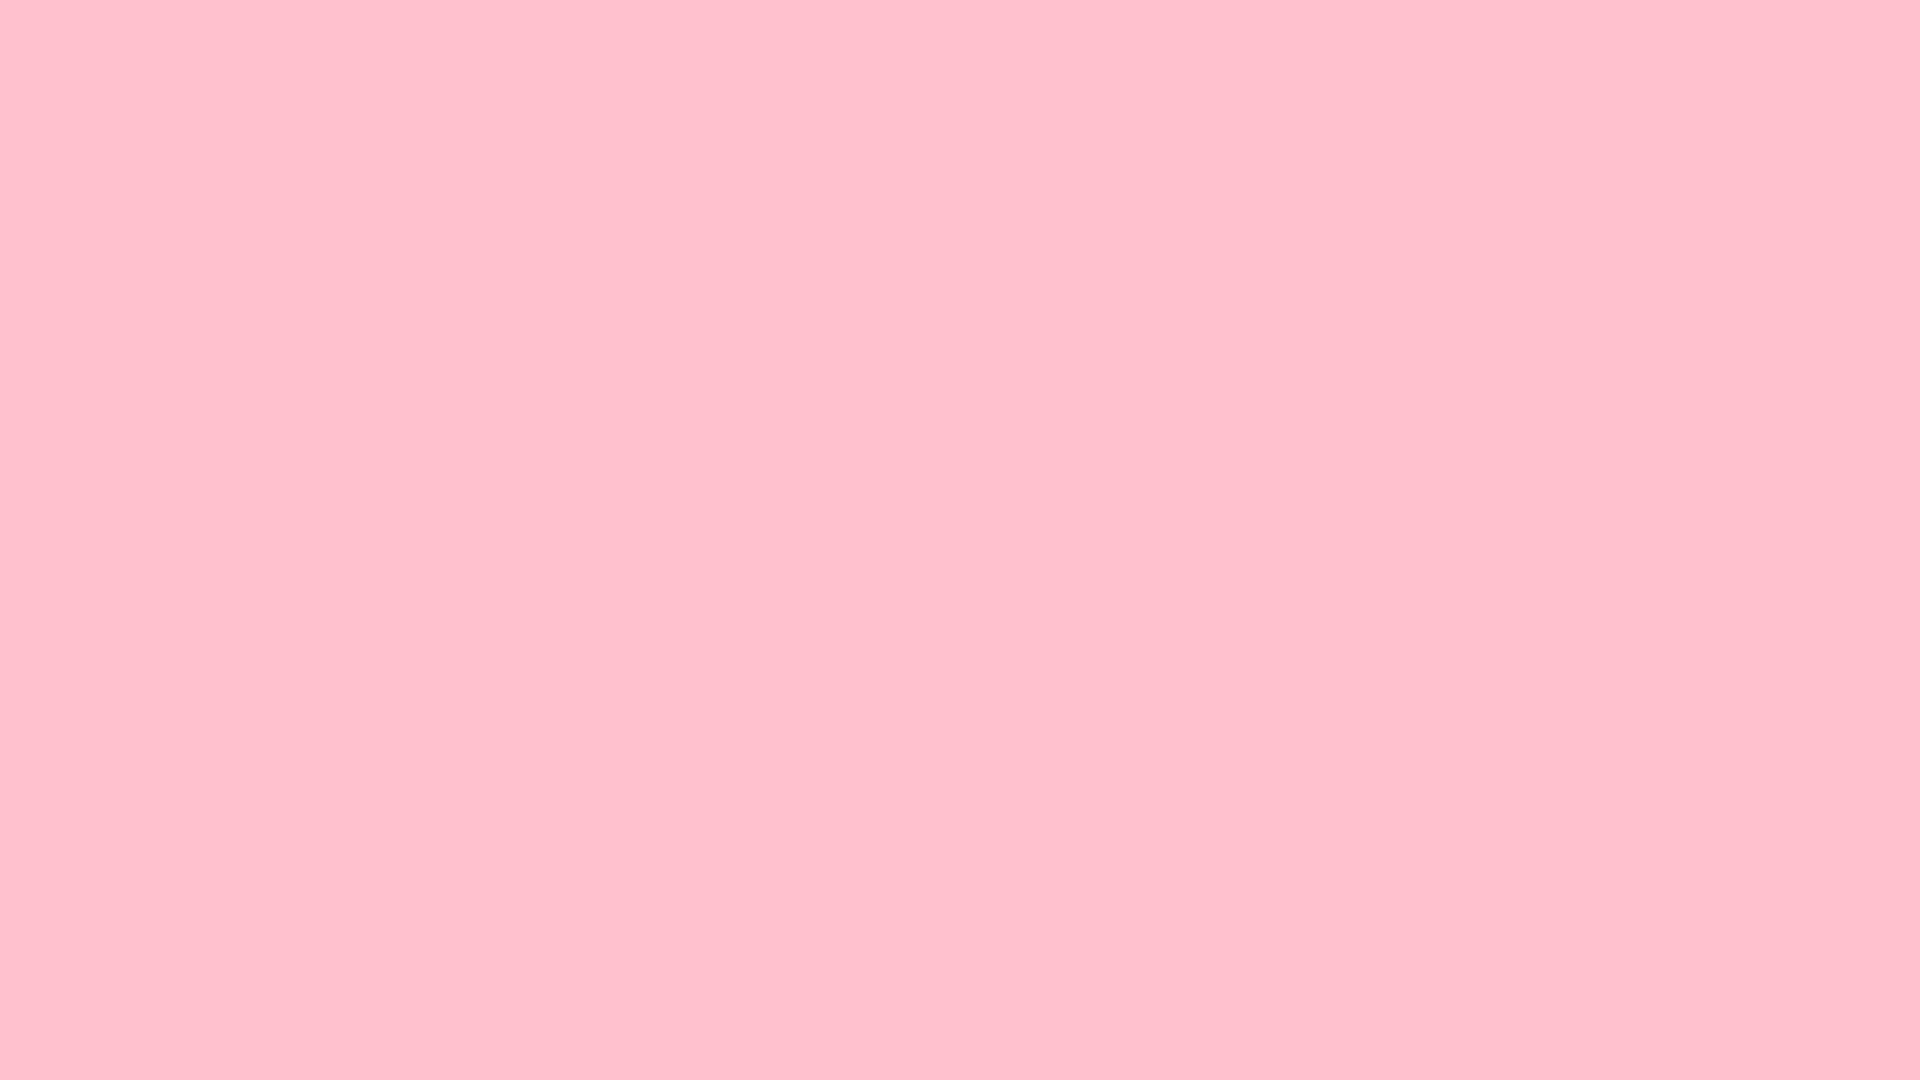 1920x1080 Bubble Gum Solid Color Background